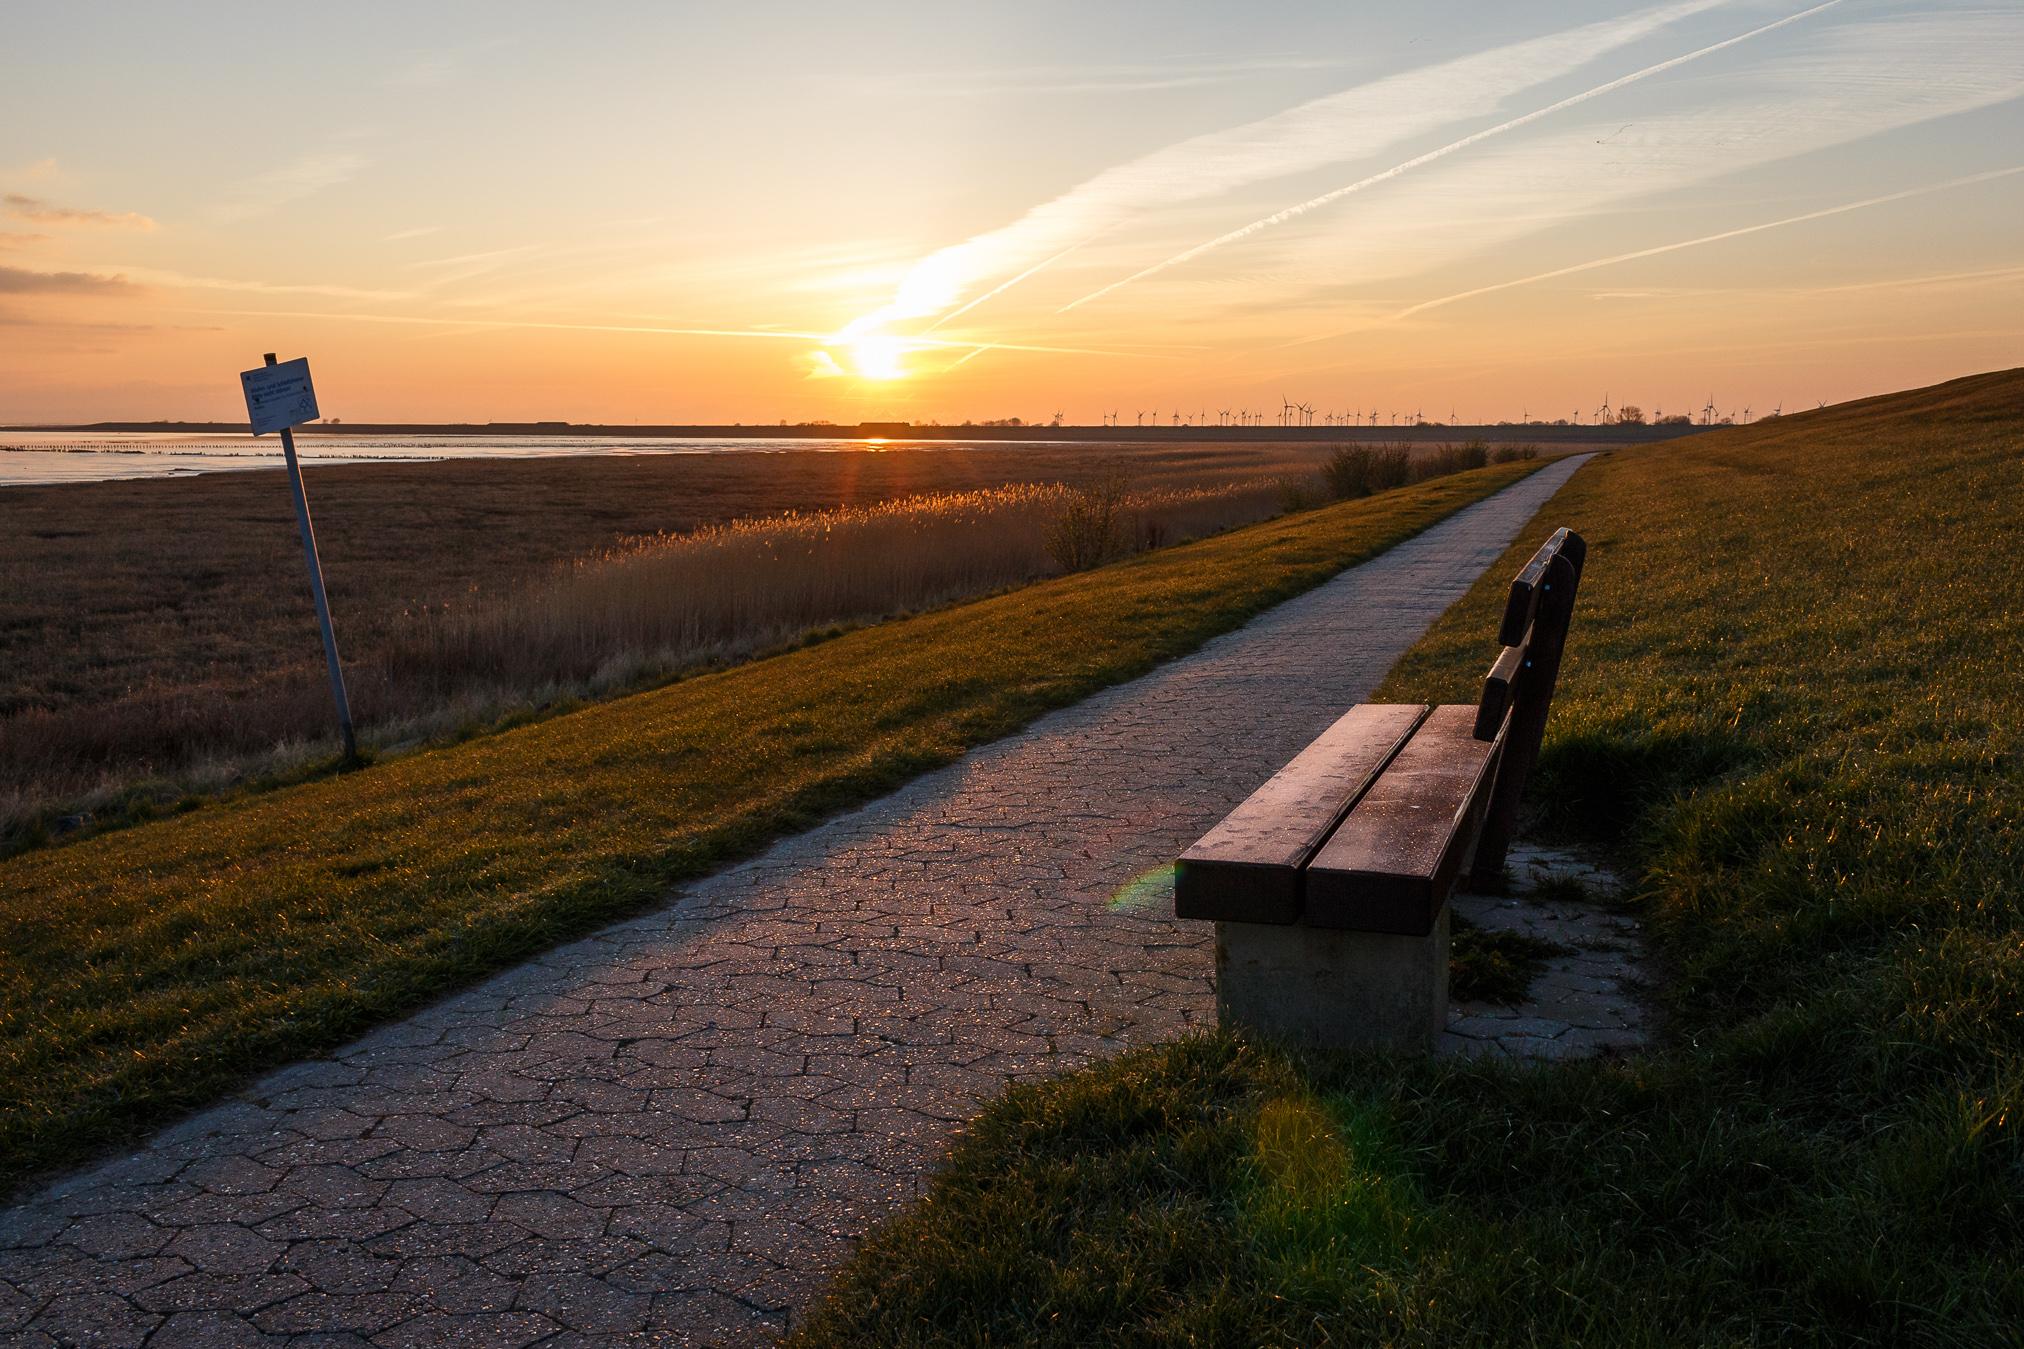 Wer früh aufsteht, wird mit dem schönsten Licht belohnt